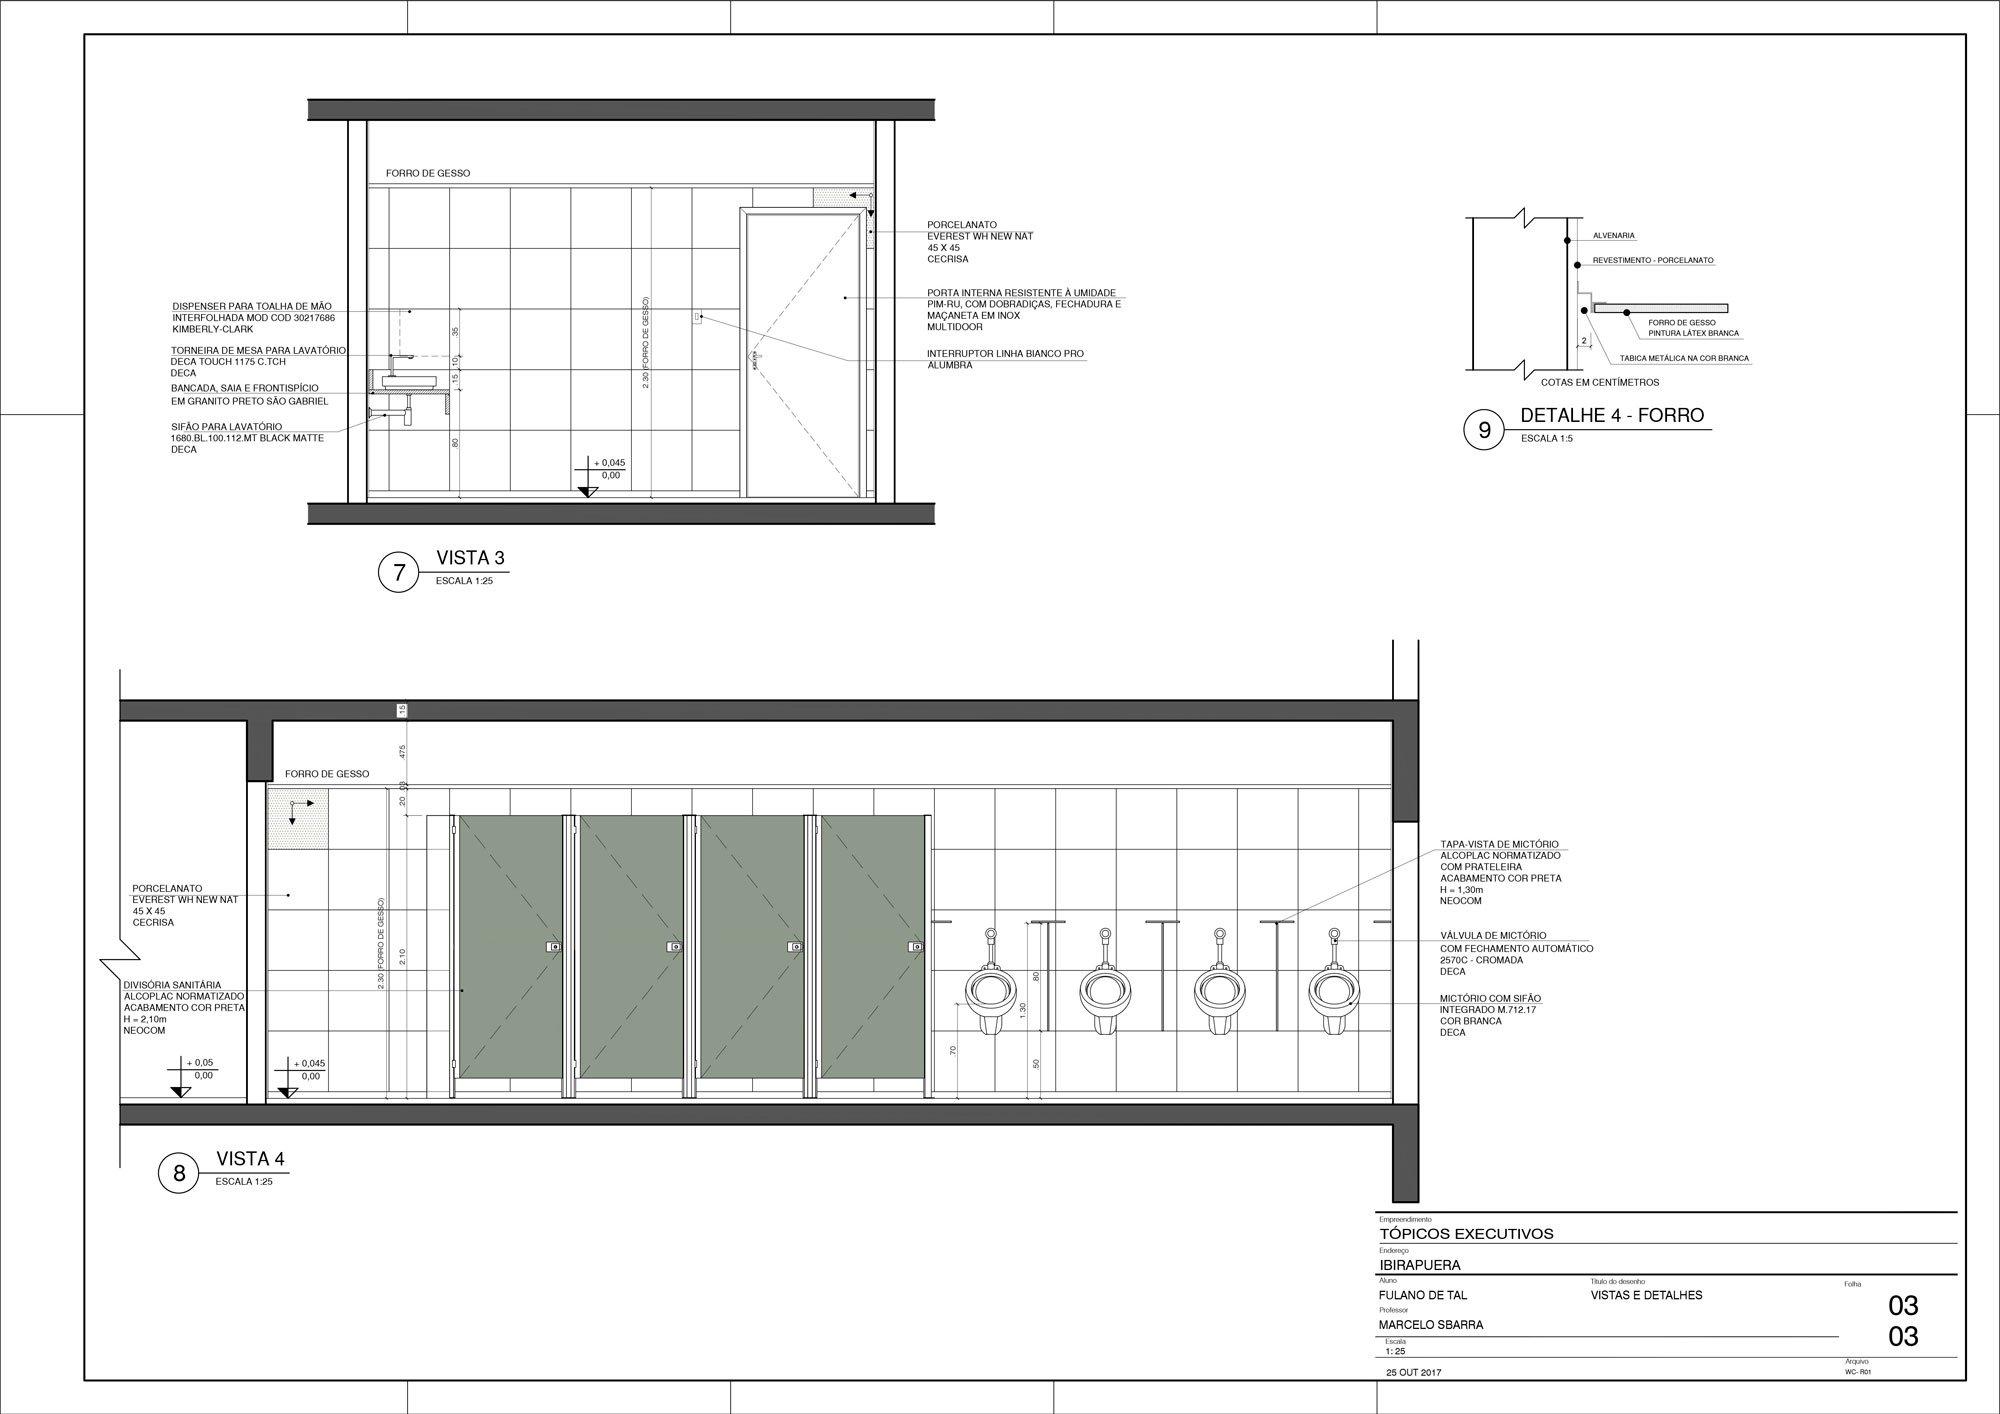 Planta WC - Detalhamento de Área Molhada - Vistas e Detalhes (II)